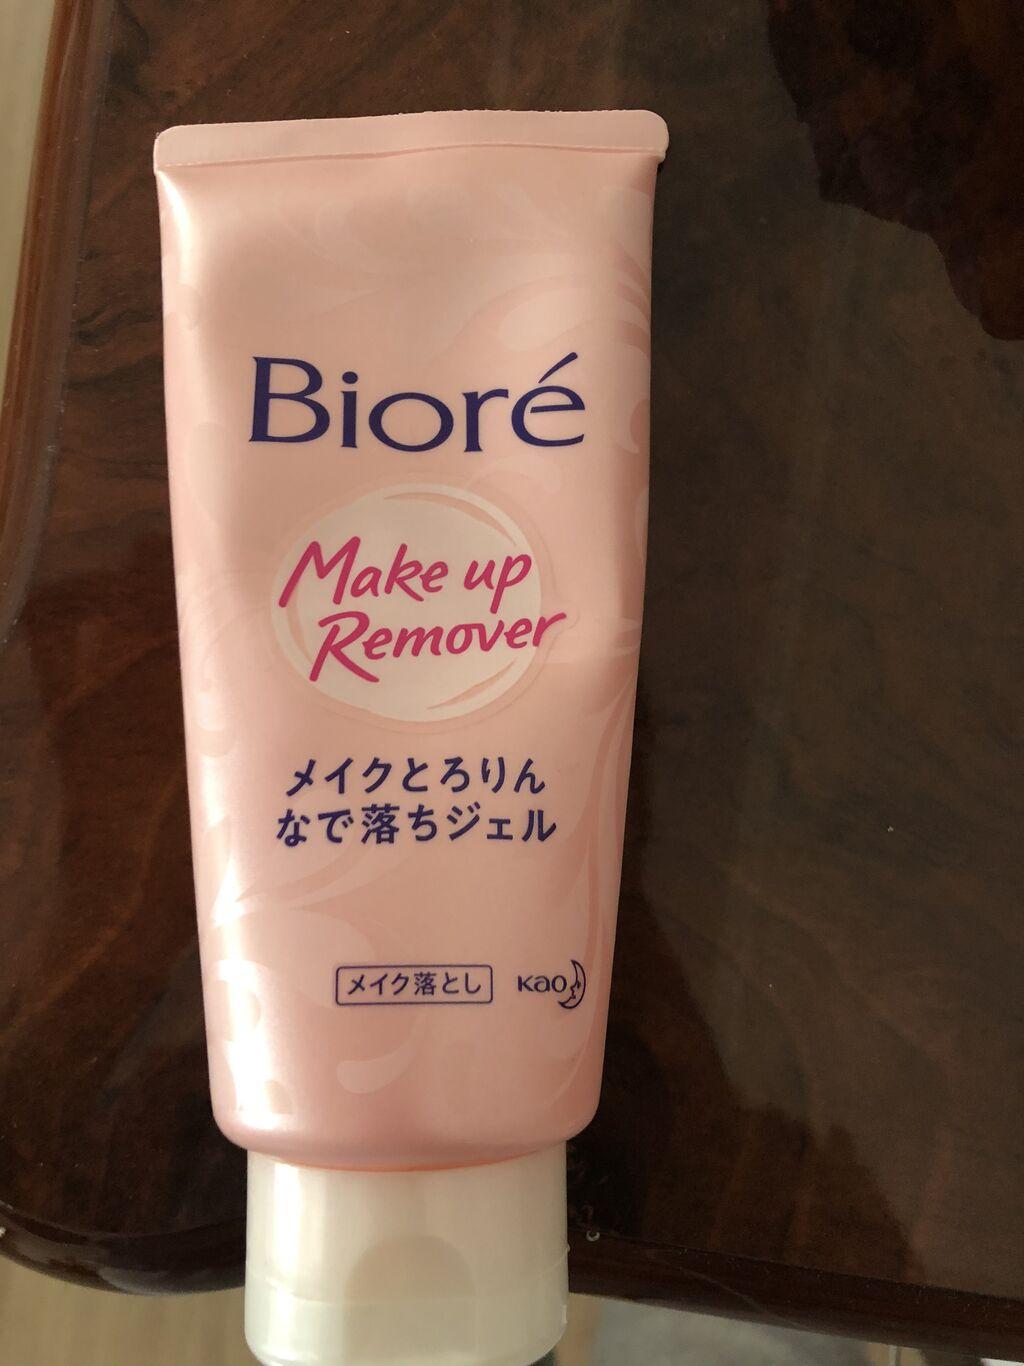 Продаю биоре сыровотку для снятия макияжа использовано 30% из 100%